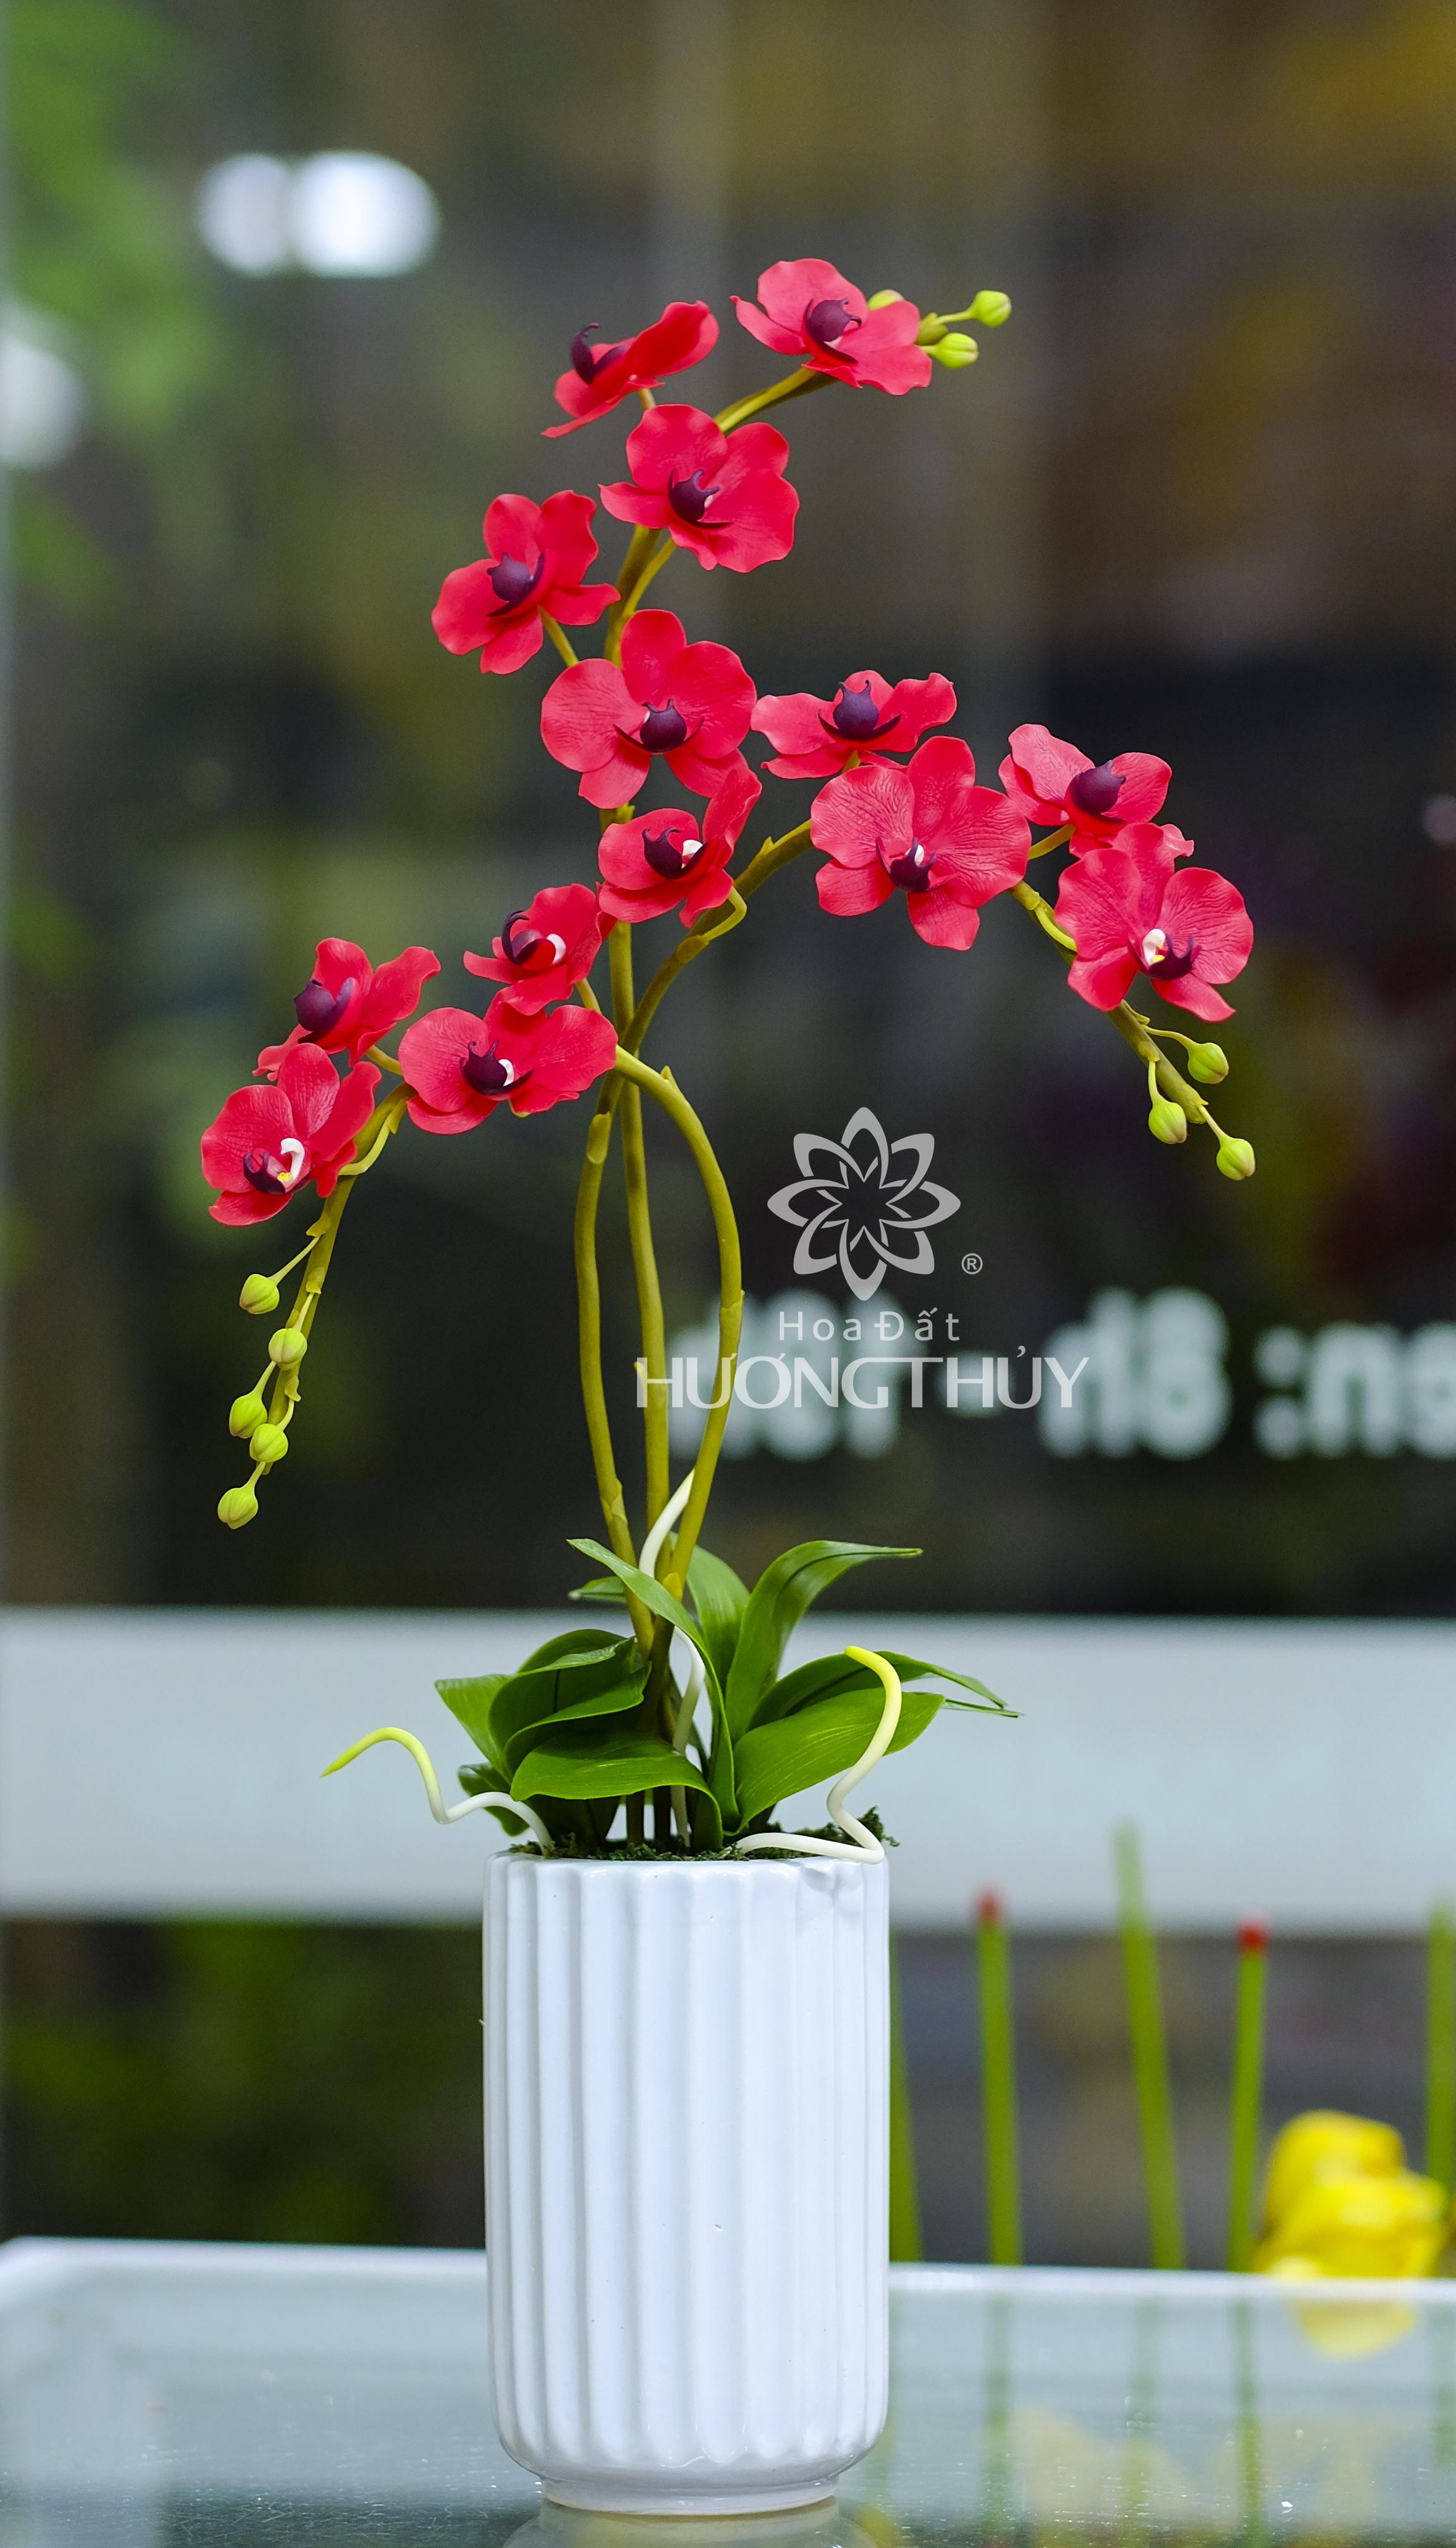 Hồ điệp đỏ: cao 65cm